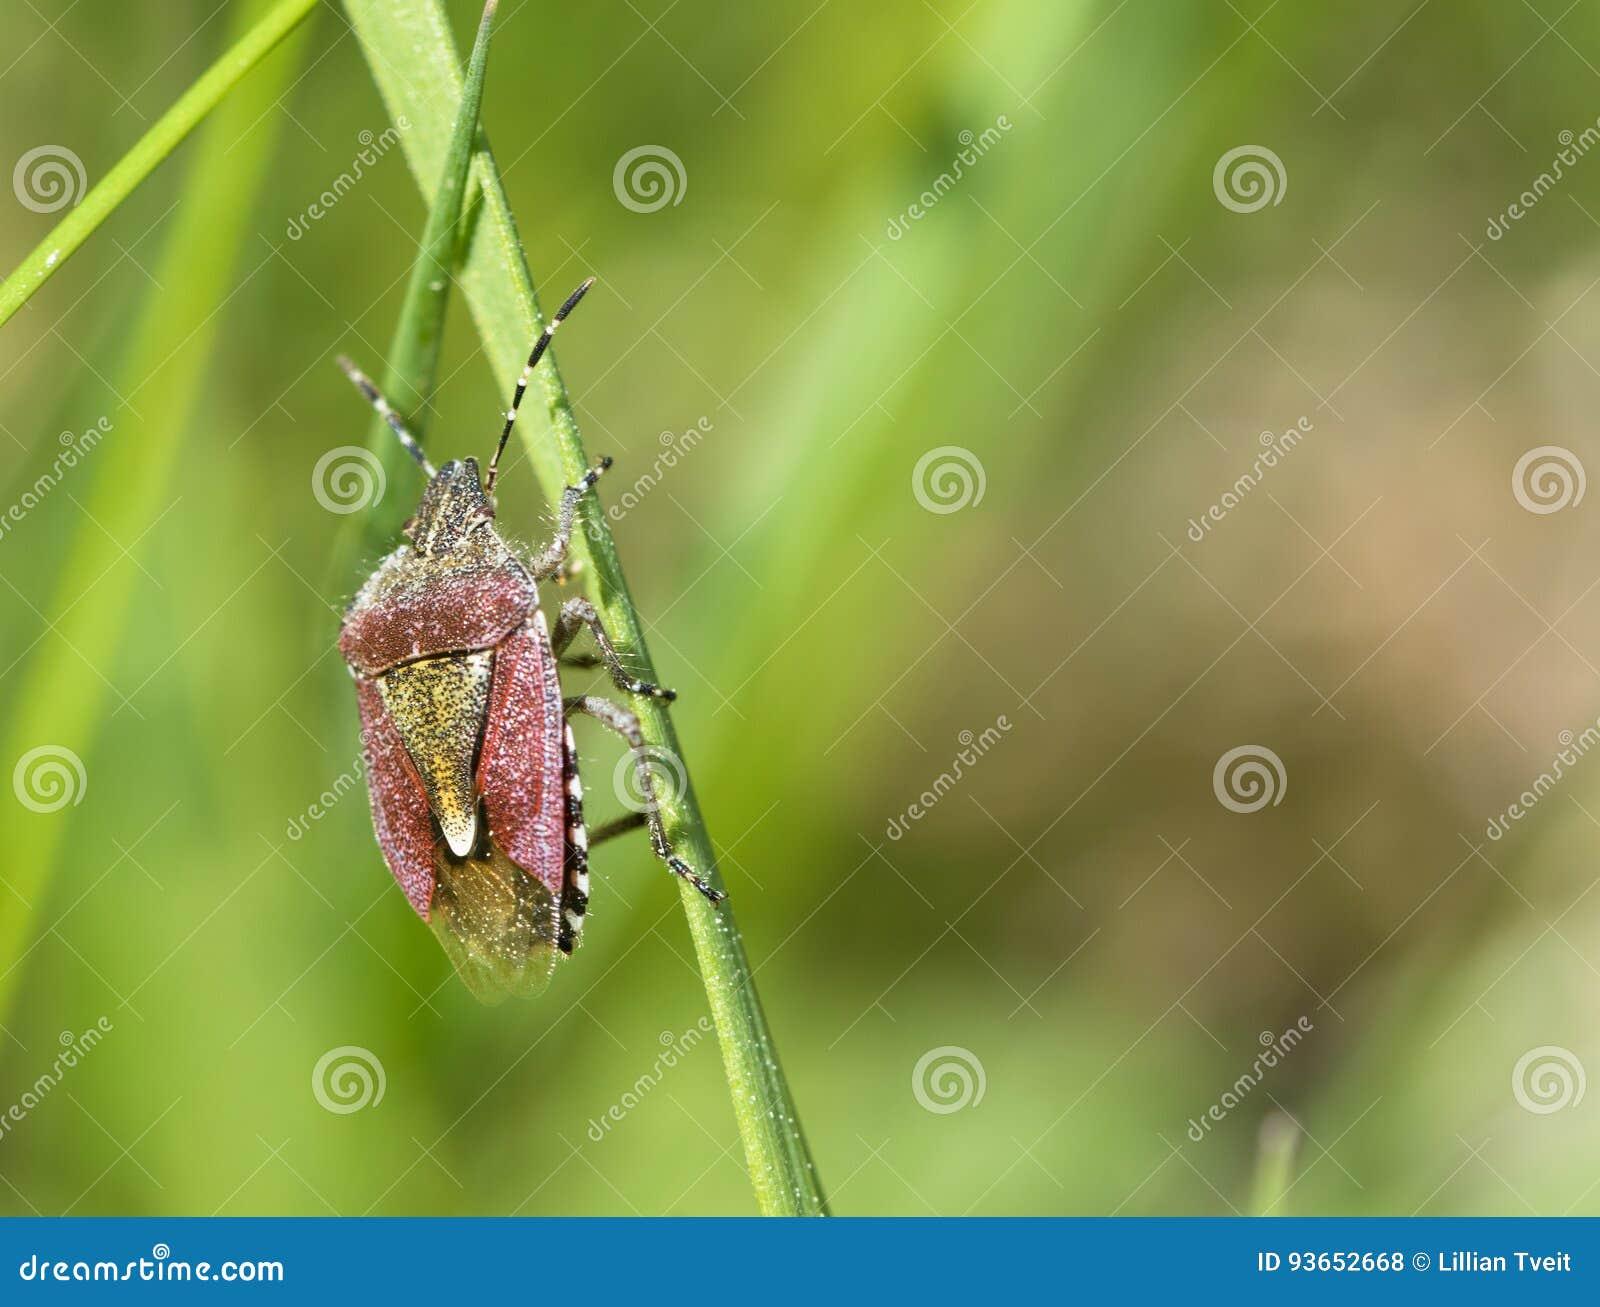 Dolycoris baccarum Eine Beerenwanze oder ein haariges shieldbug auf einem Stroh des grünen Grases